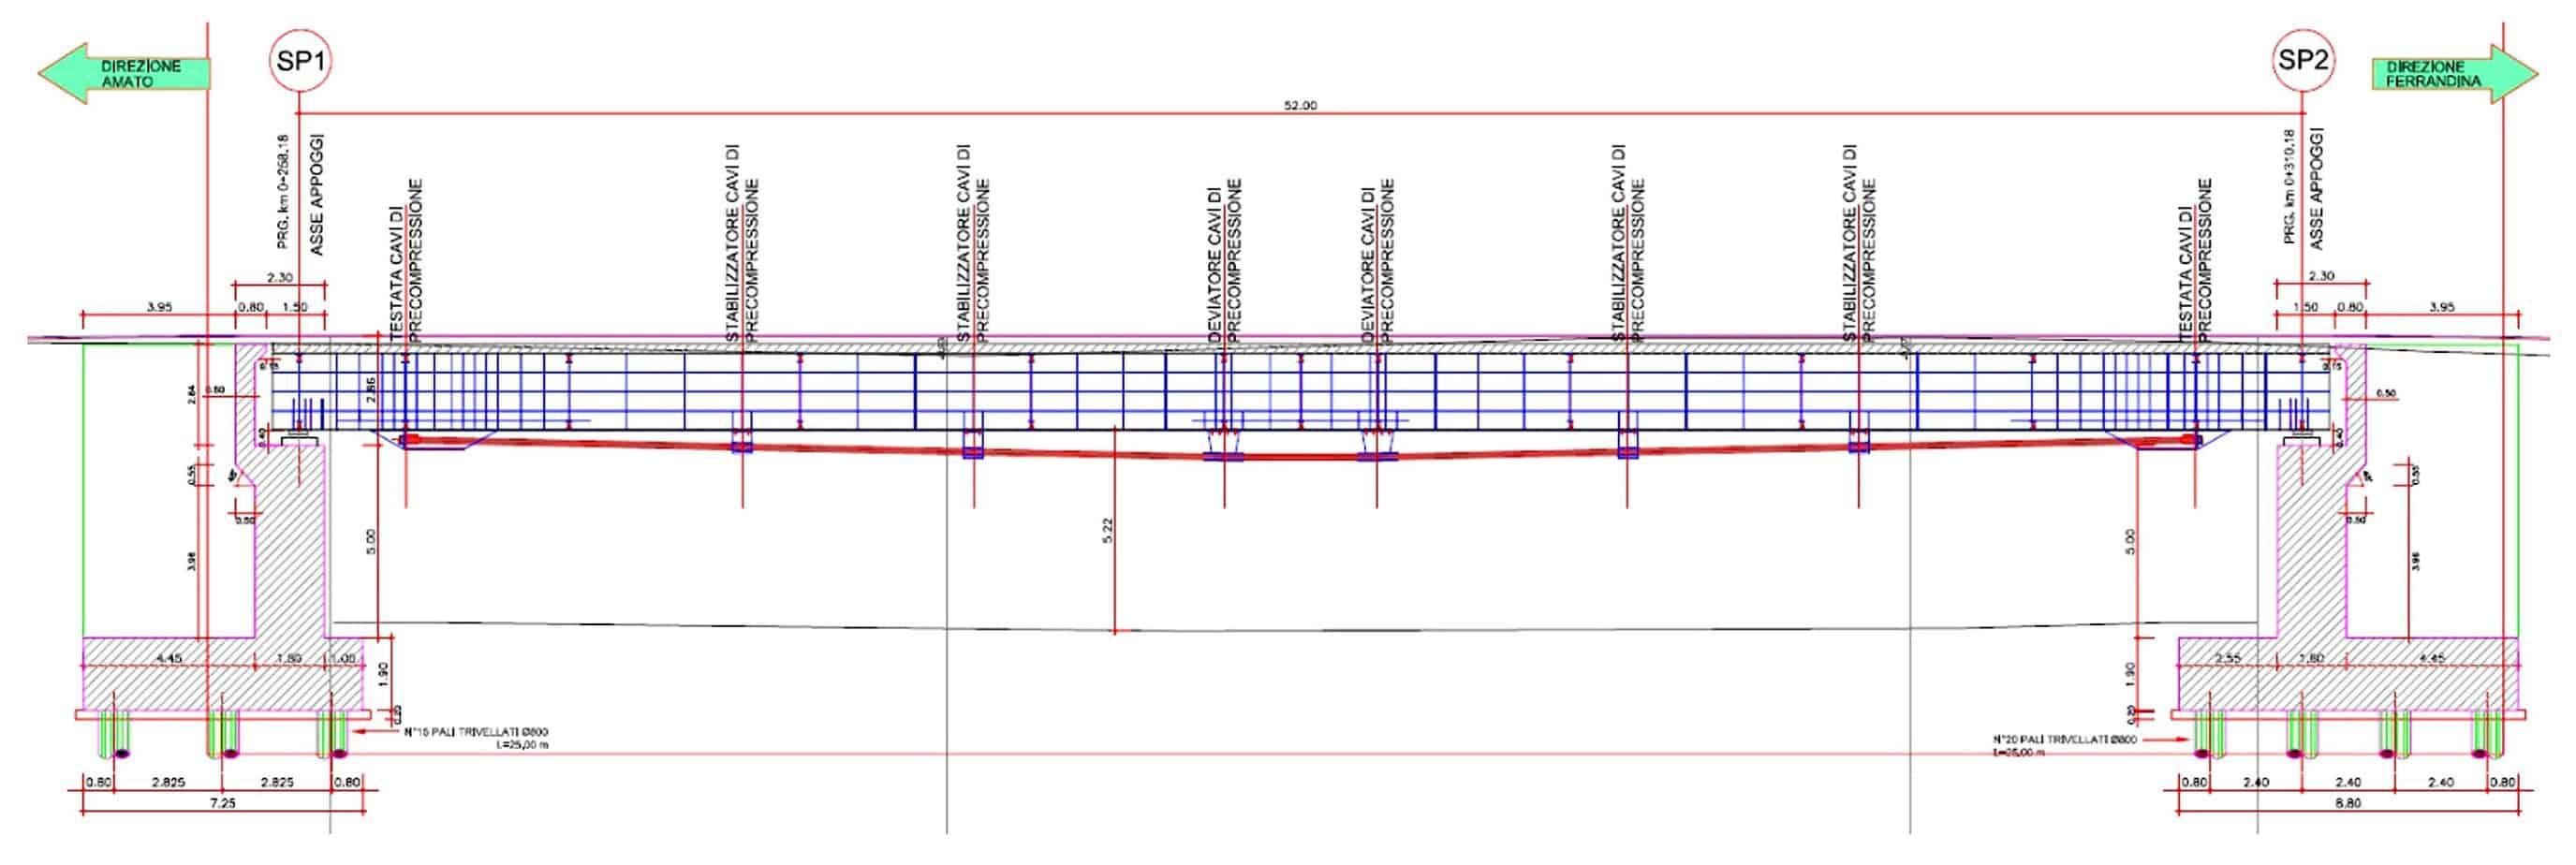 Il profilo longitudinale del ponte nella configurazione finale rinforzata